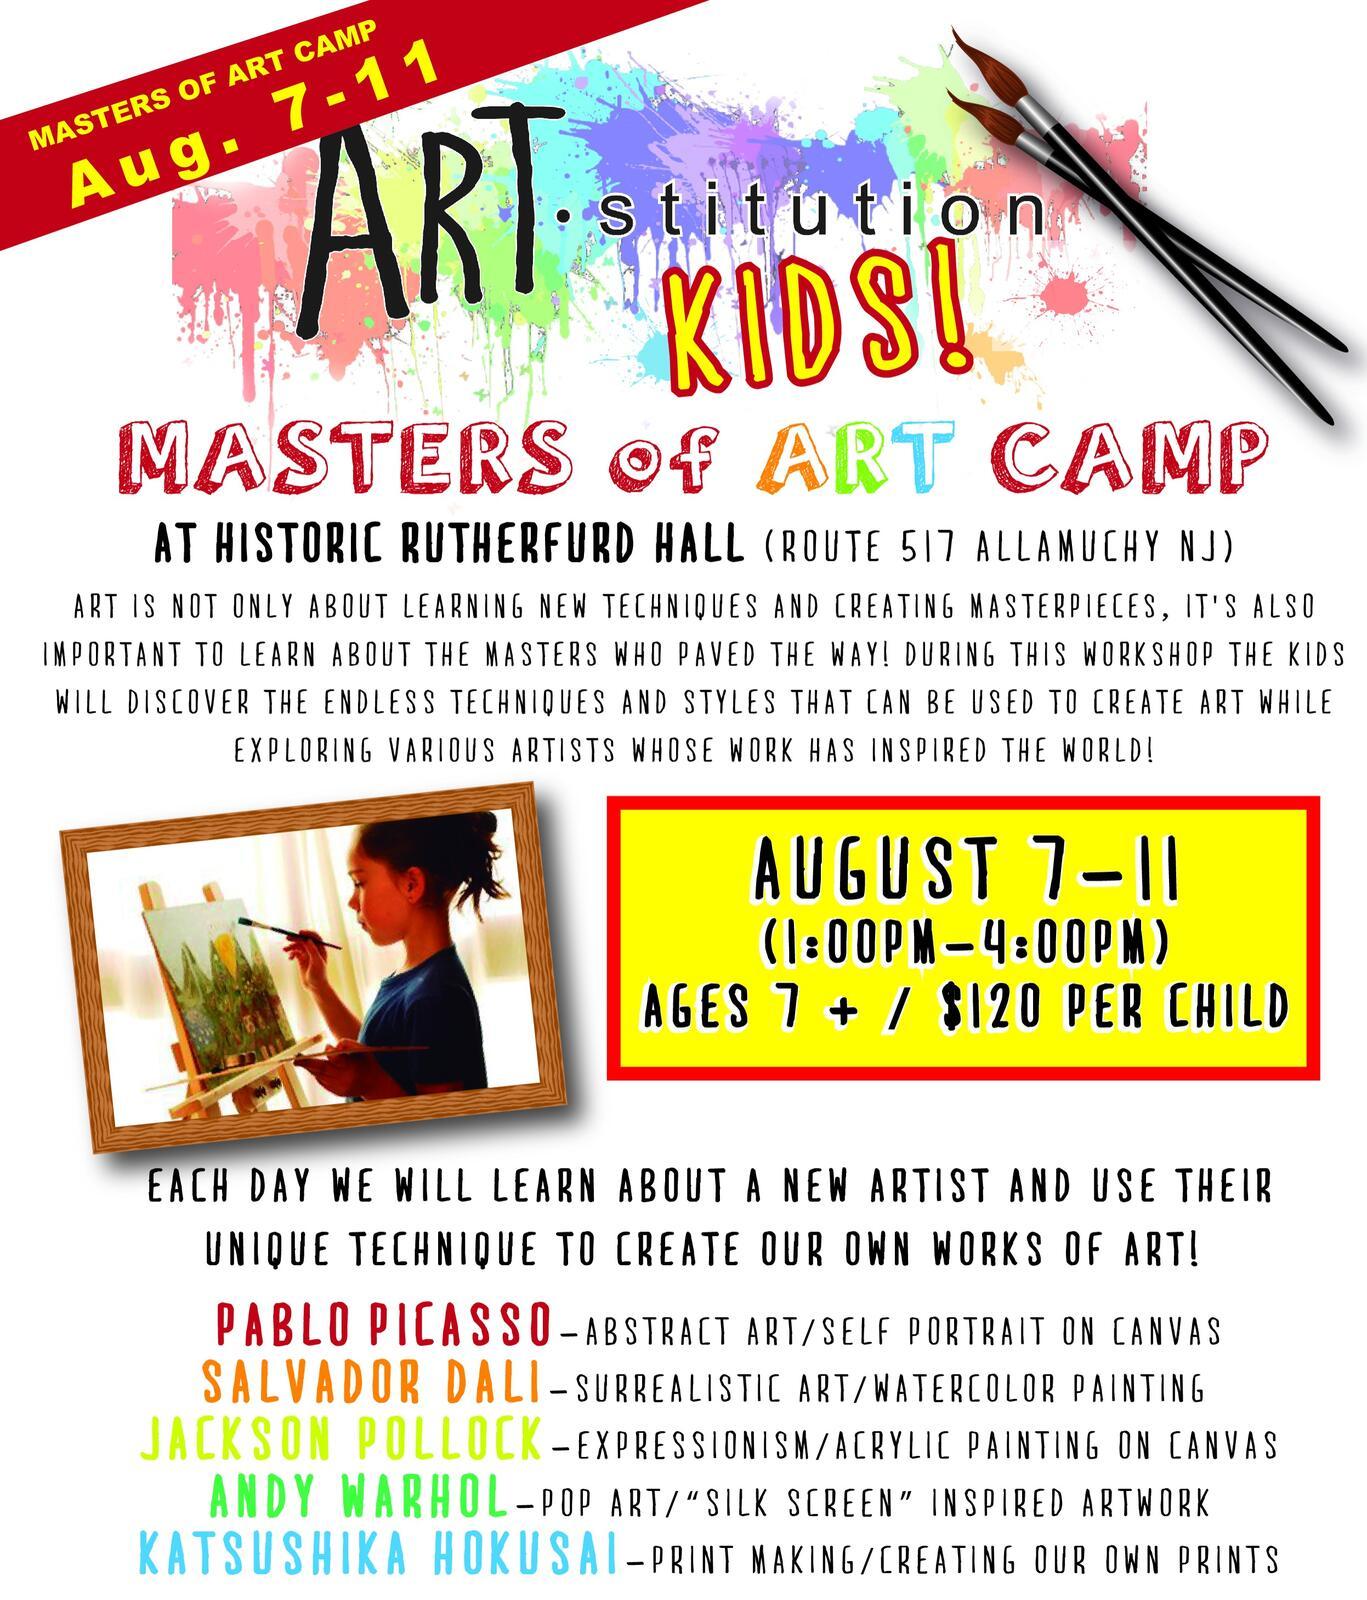 Aug 7 · Kids Art Camp at Rutherfurd Hall — Nextdoor